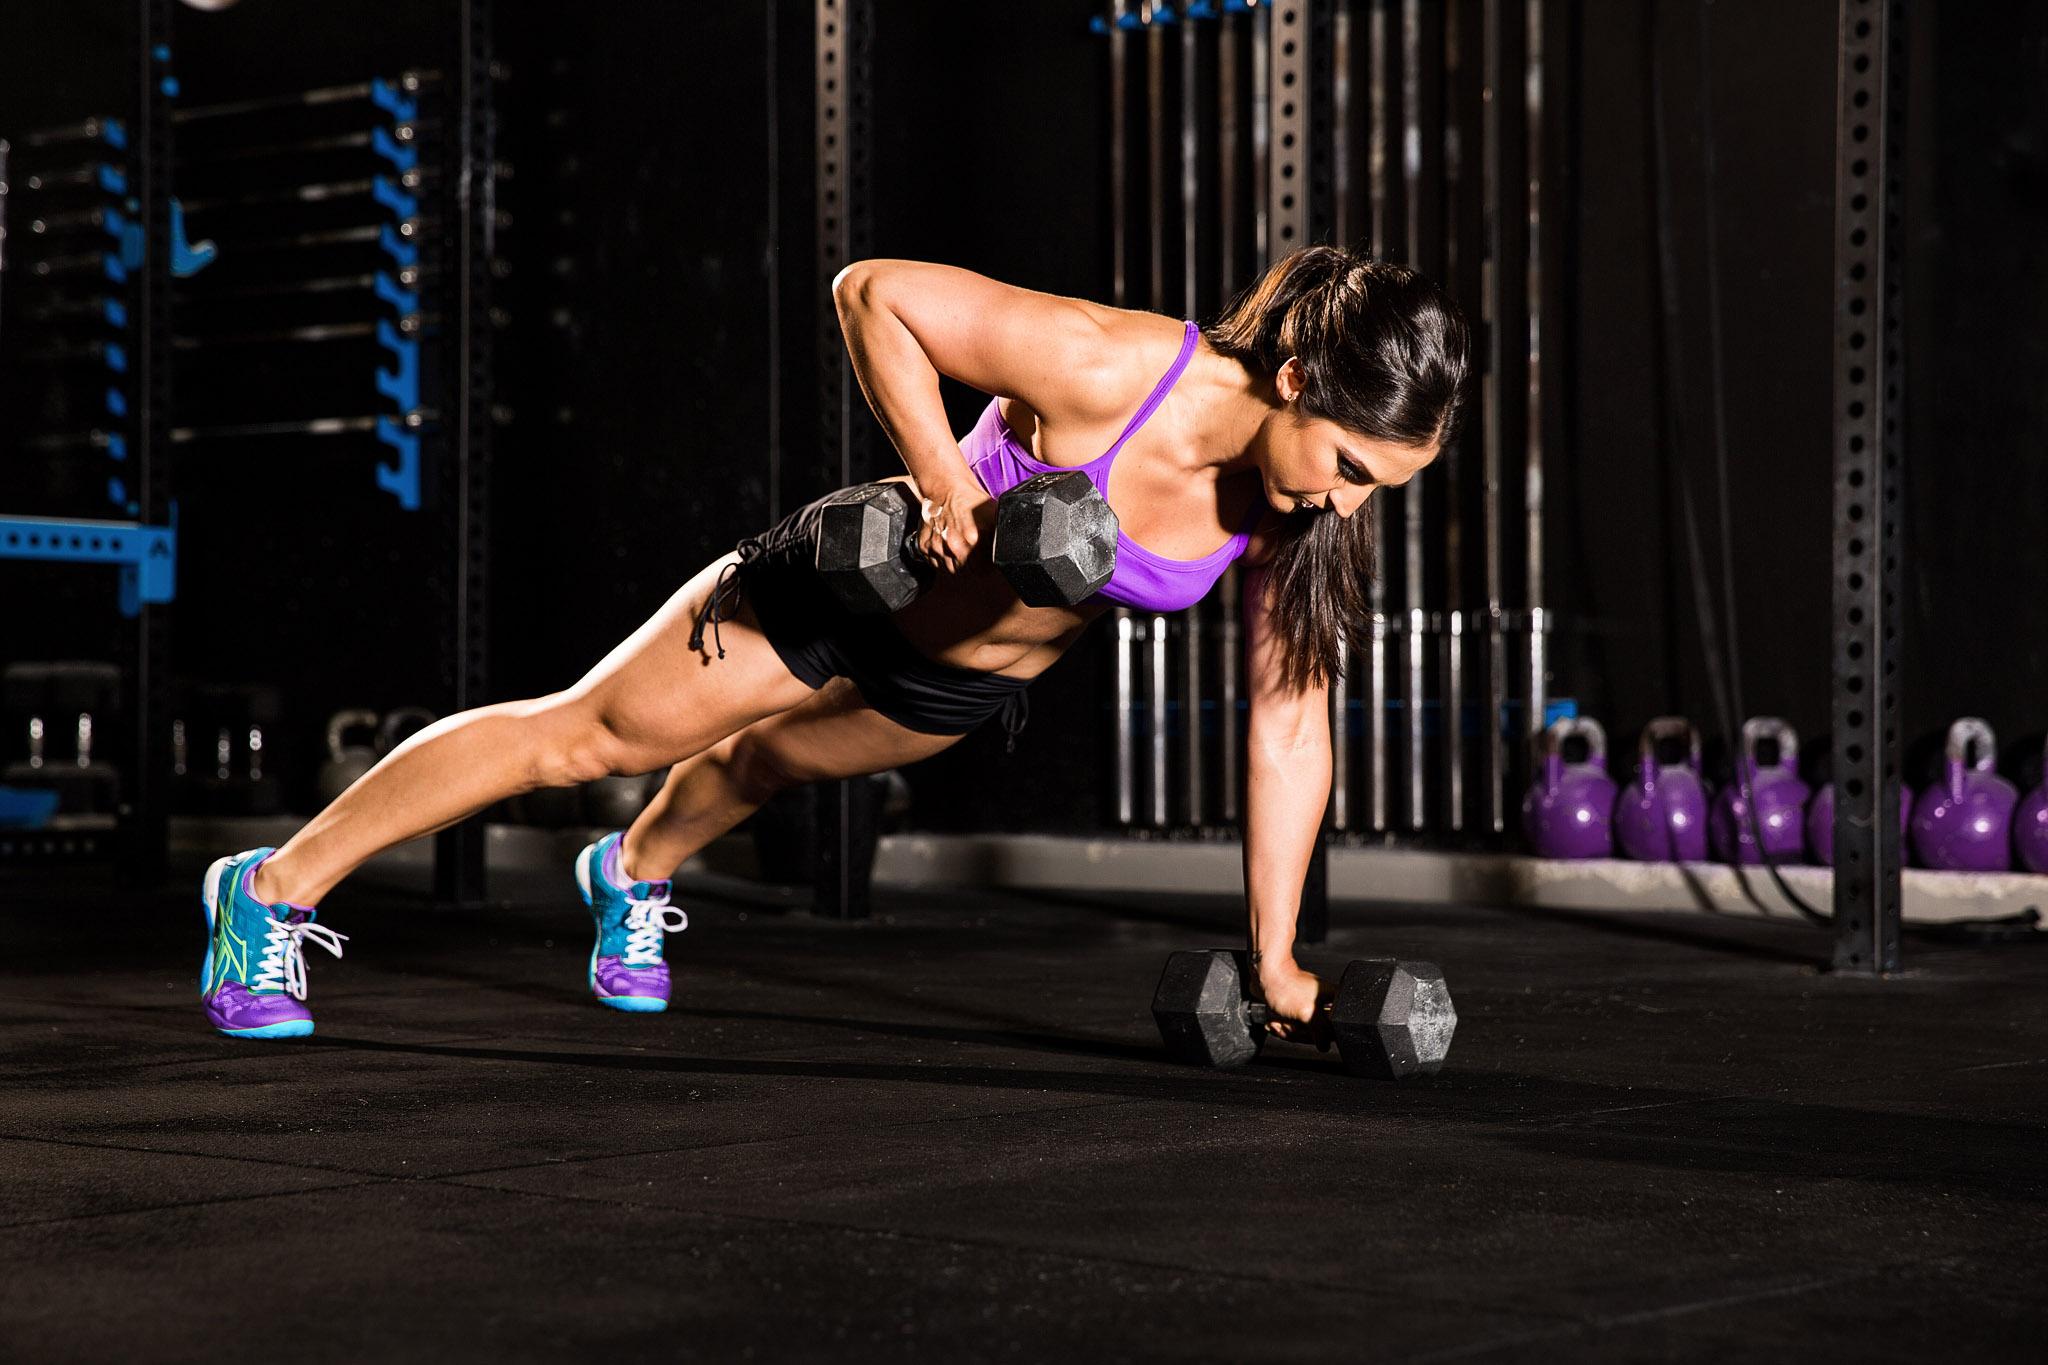 какие тренировки нужны сжигания жира